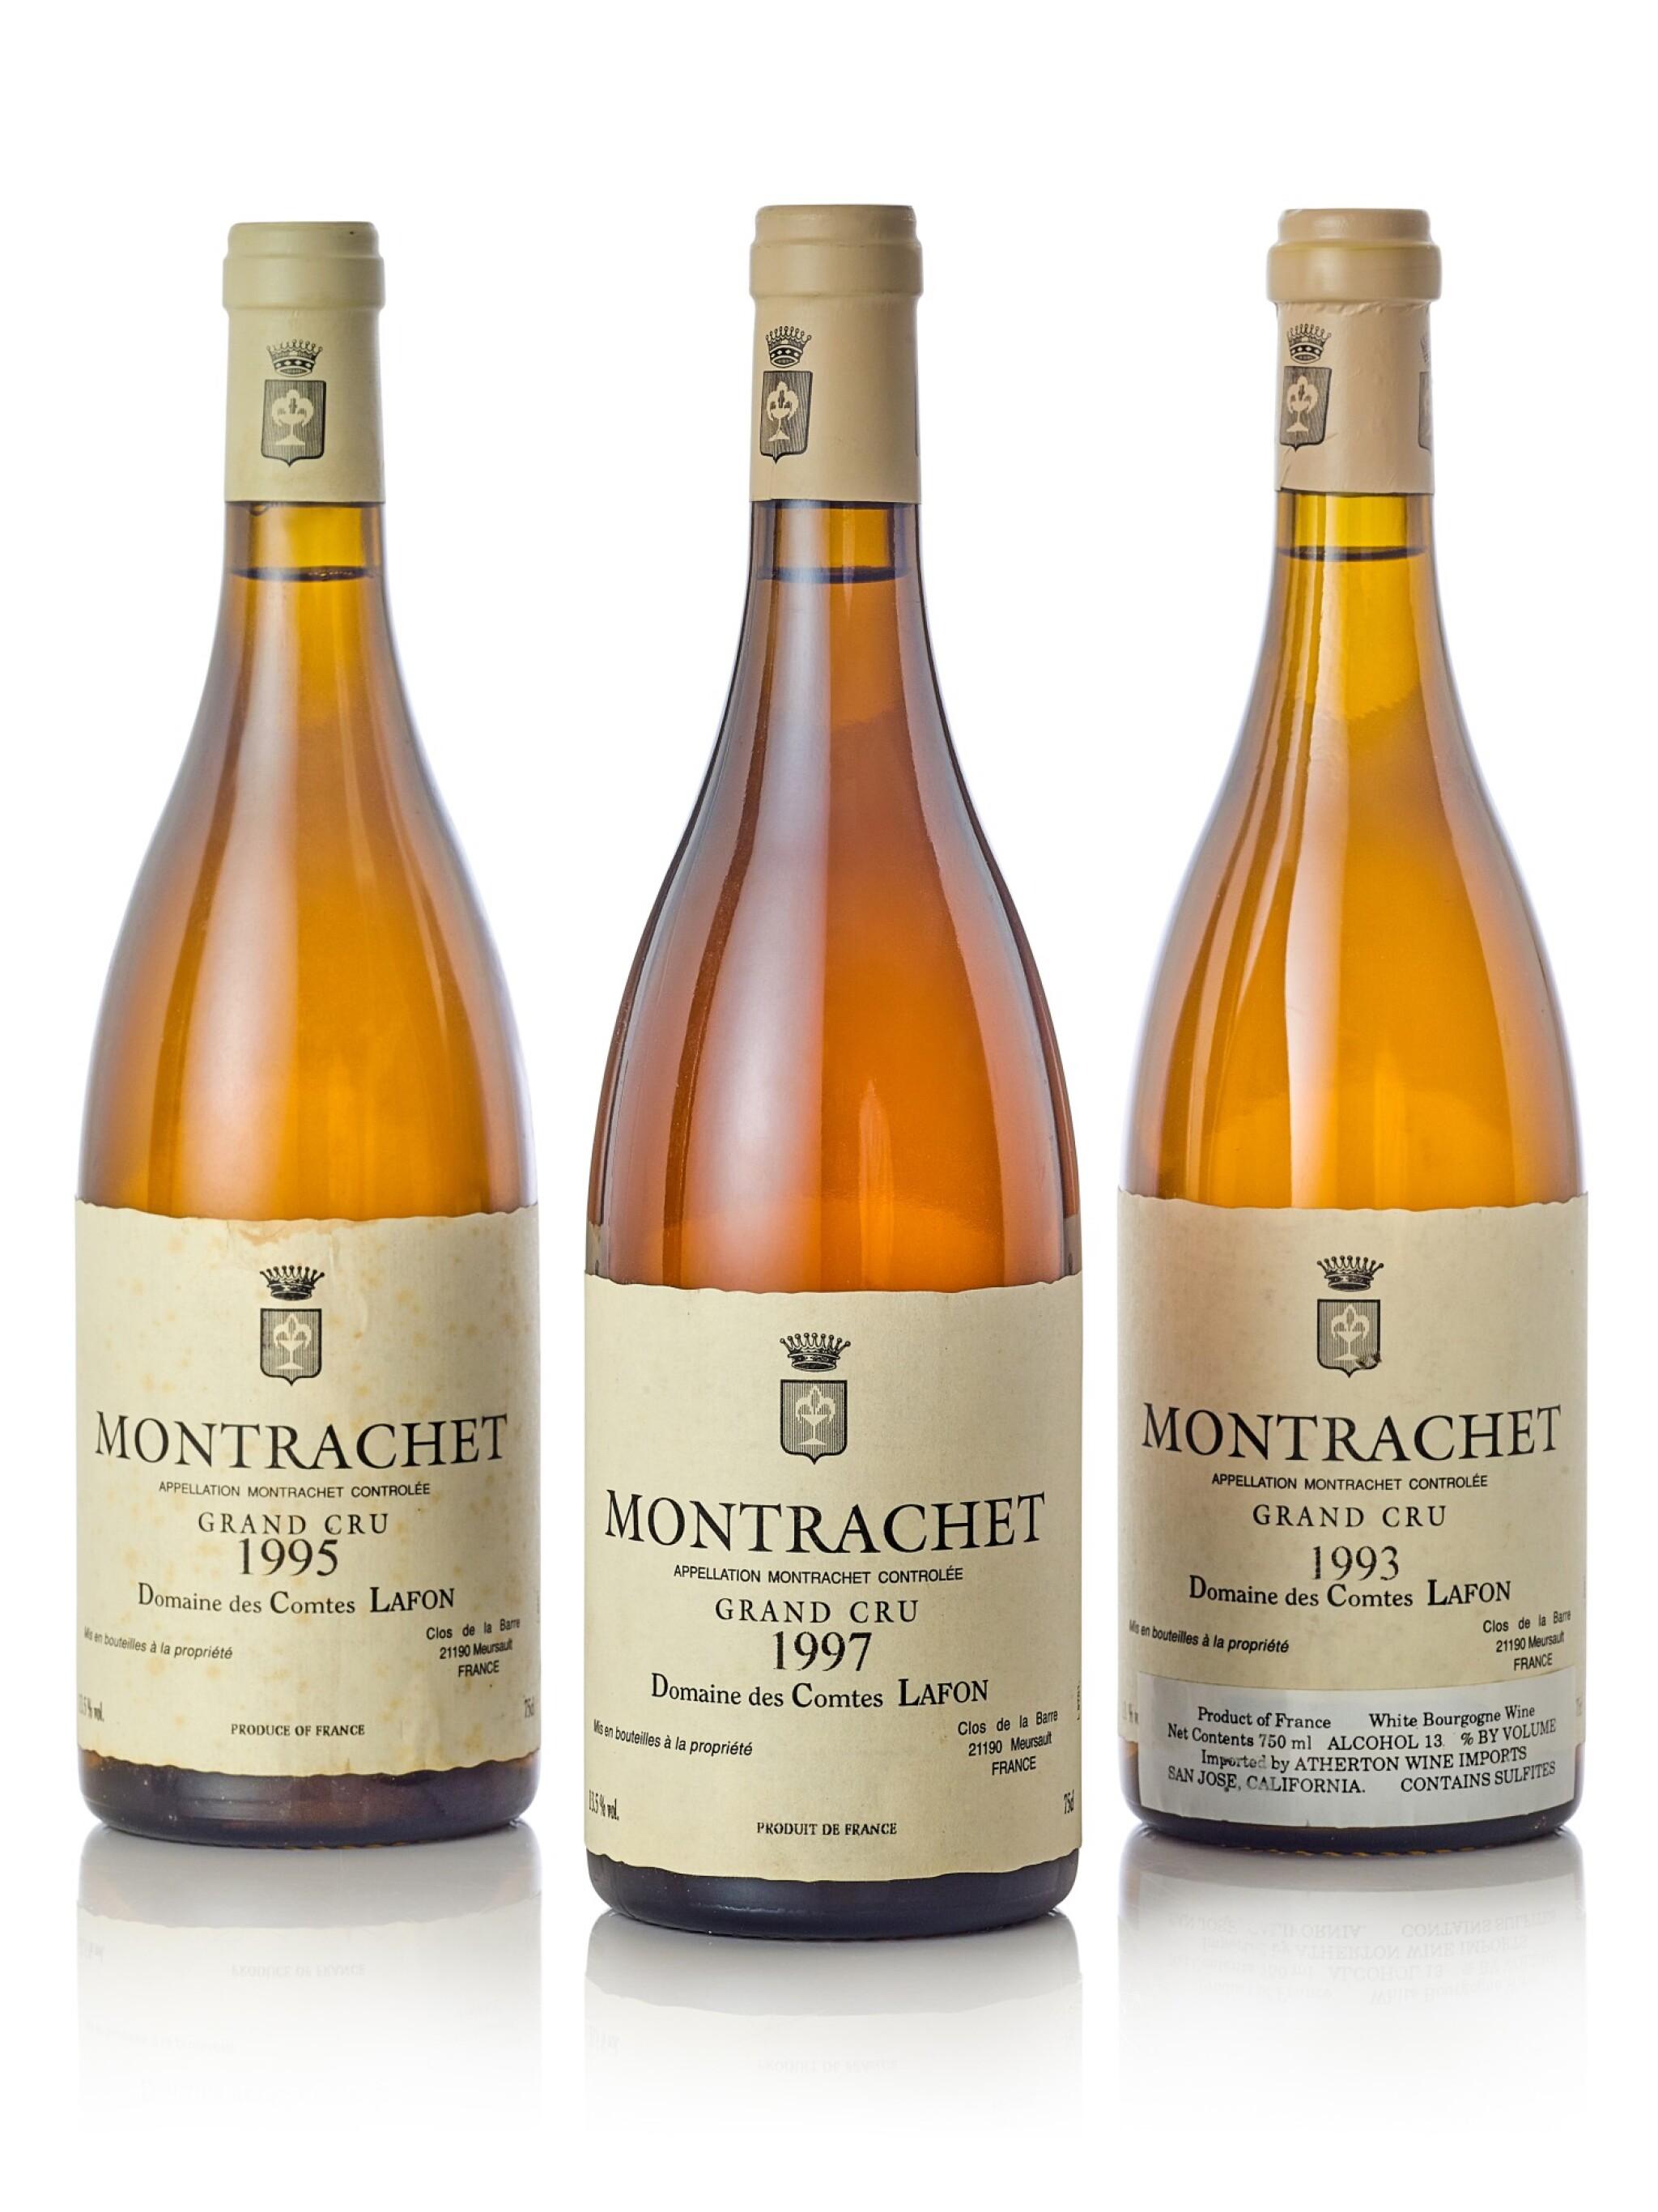 Montrachet 1997 Domaine des Comtes Lafon (1 BT)